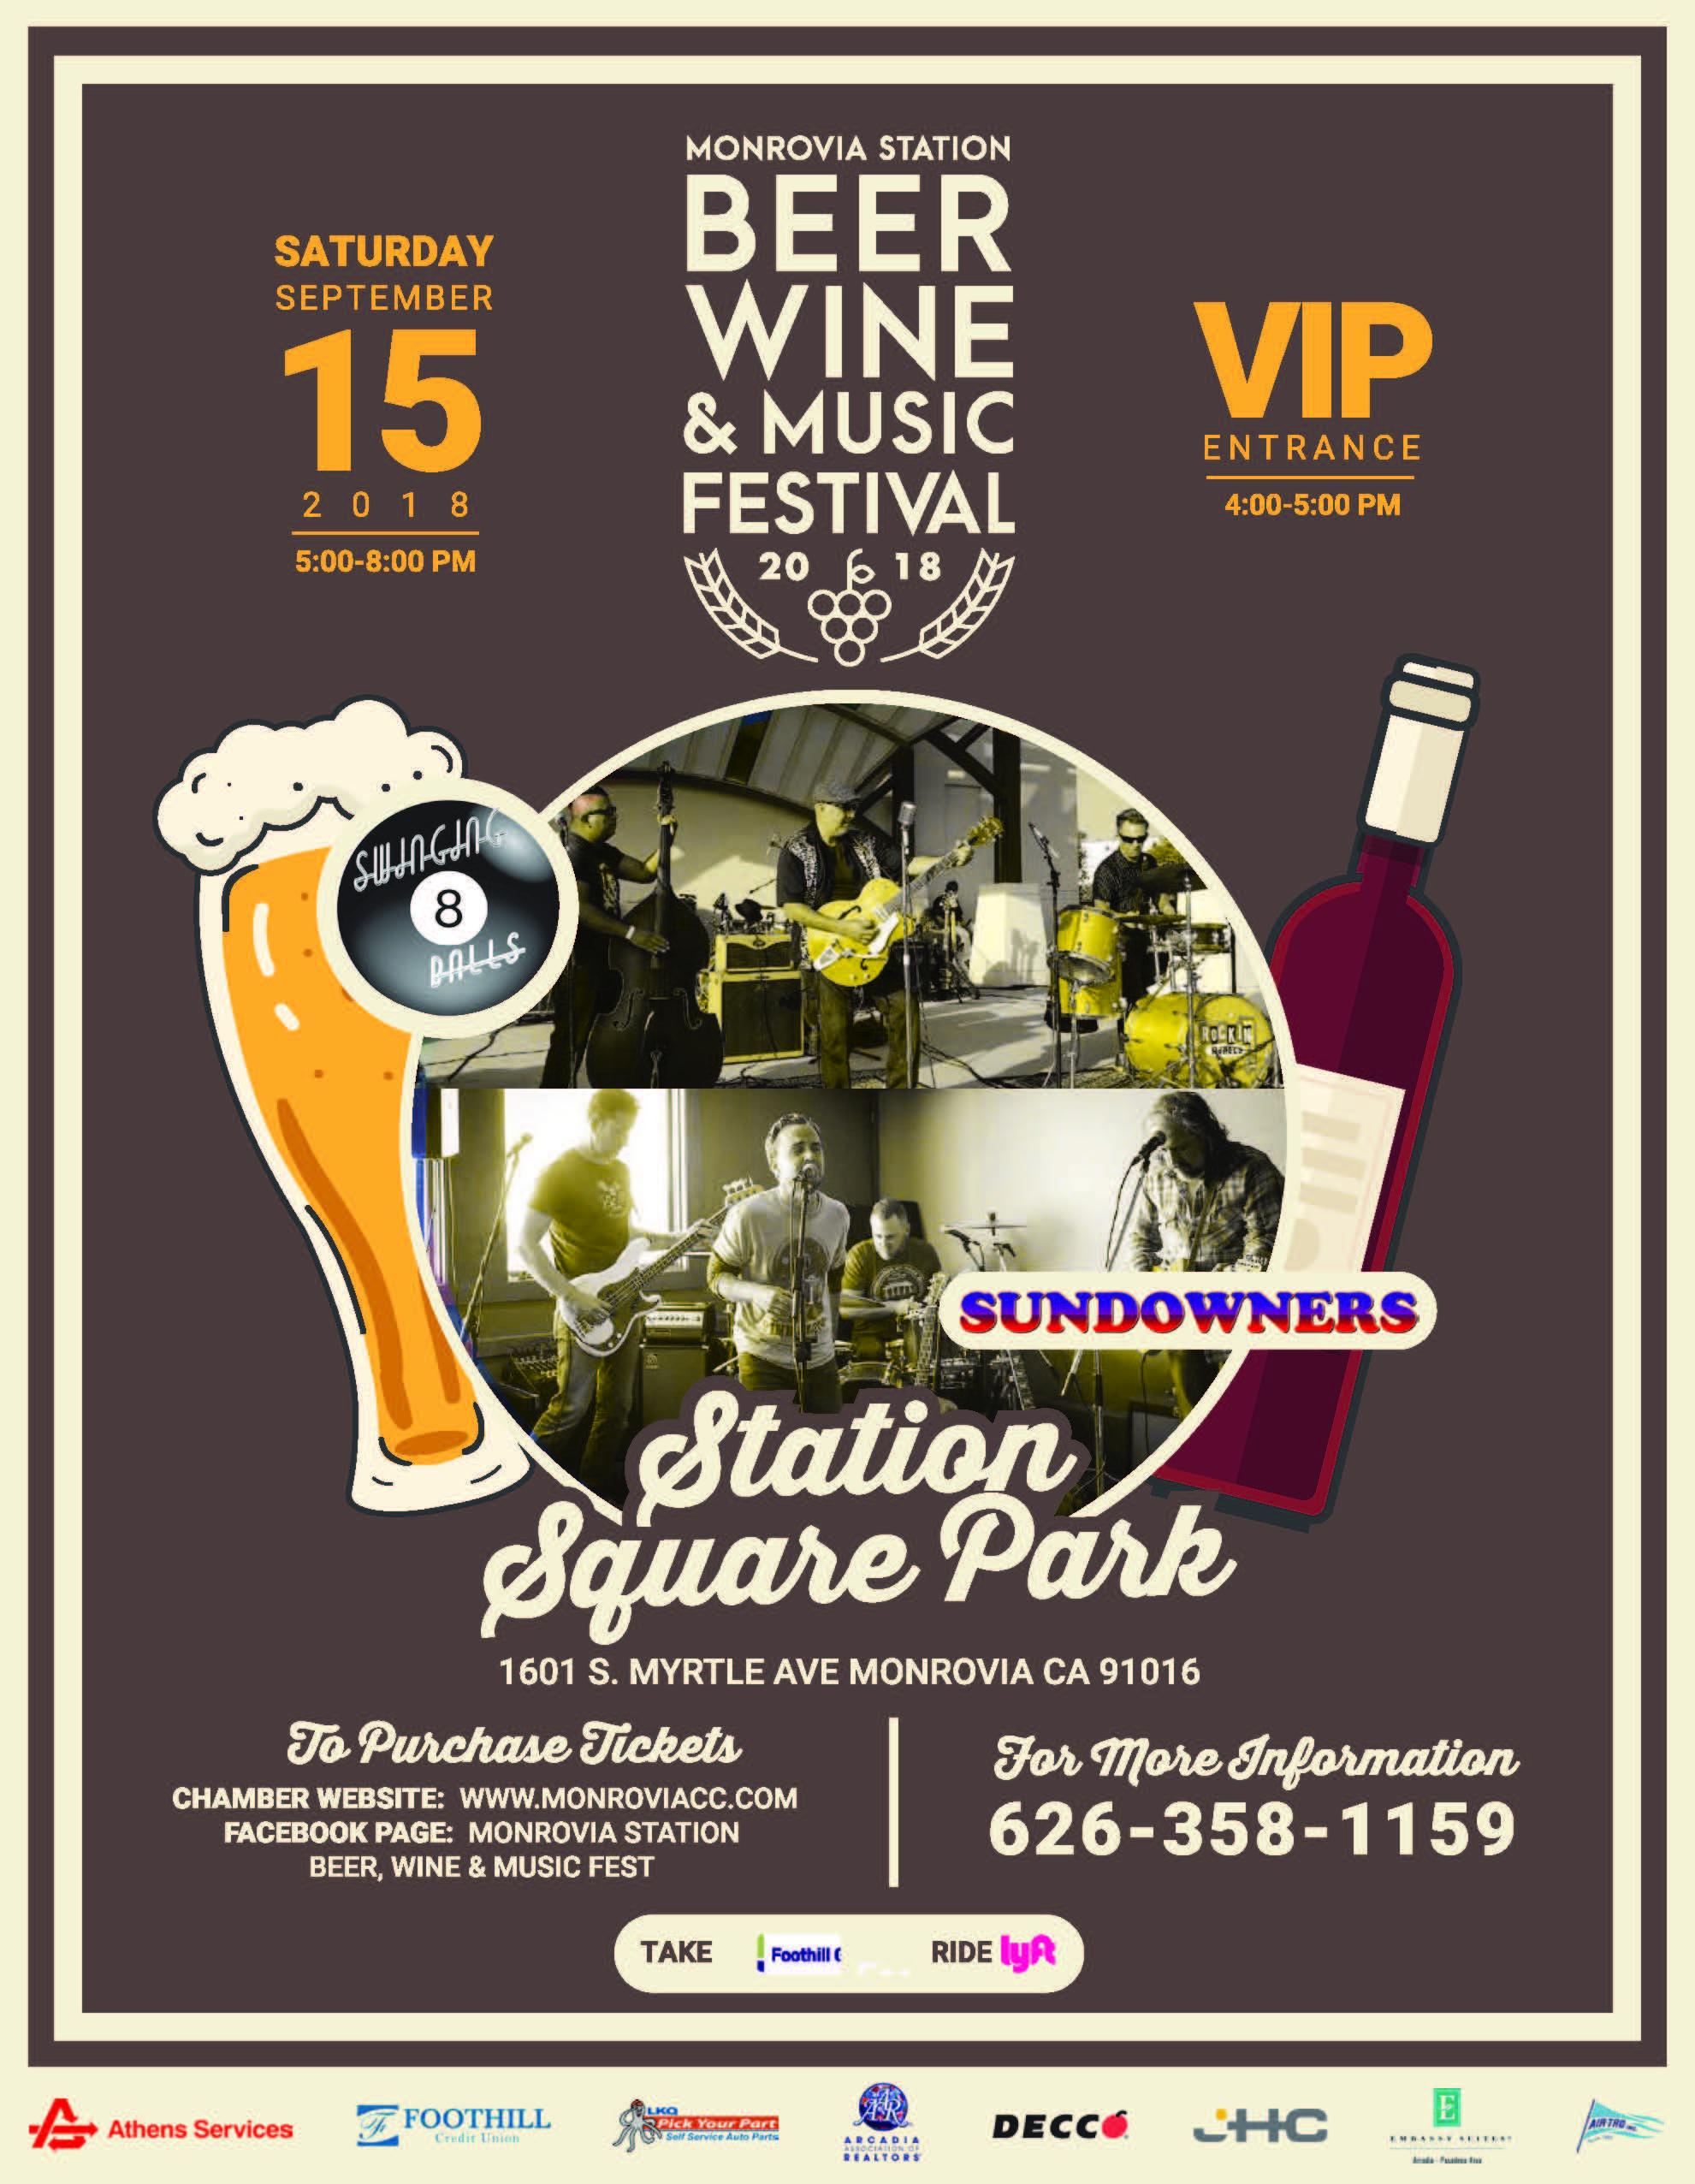 beer wine & Music festival - September 15th, 2018